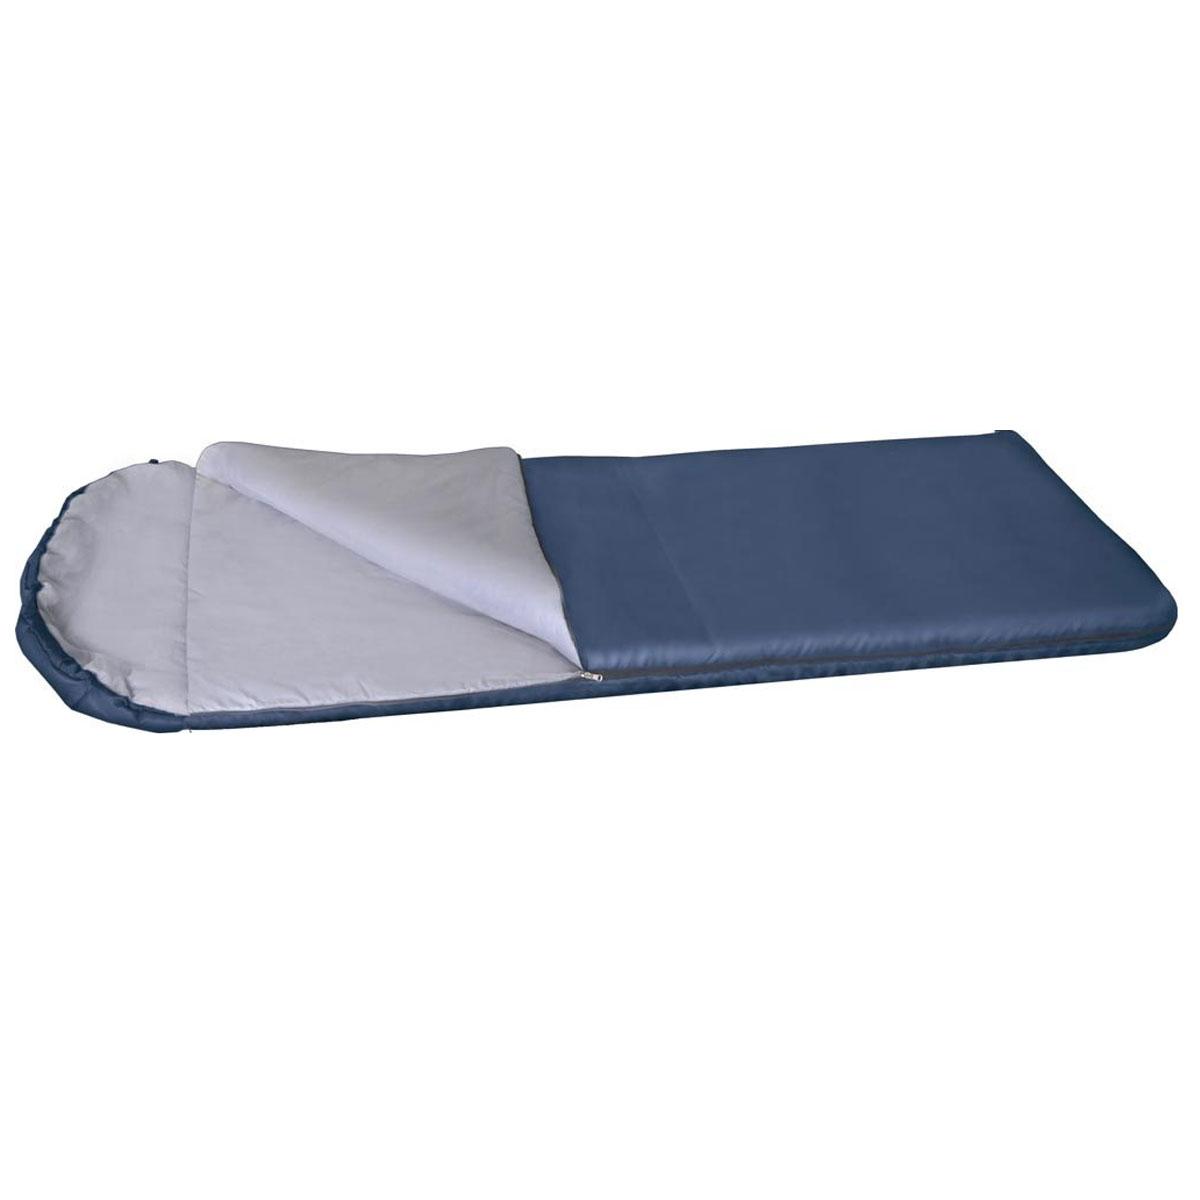 Спальный мешок-одеяло Alaska Одеяло с подголовником +10 °С, цвет: синий, левосторонняя молния. 95253-405-0095253-405-00Недорогой спальный мешок Alaska Одеяло с подголовником +10 займет очень немного места в багажнике вашего авто, выручит на даче, в летнем походе выходного дня и в городской квартире в качестве дополнительного утепляющего слоя во время ожидания начала отопительного сезона. Простой и максимально практичный спальник Alaska Одеяло с подголовником +10 имеет аномально низкую стоимость! Даже трудно представить себе качественный спальный мешок дешевле! Однако спальник Одеяло с подголовником +10 обладает всеми необходимыми свойствами для обеспечения комфортного отдыха в теплое время года - это облегченный вес, разъемная молния, что позволяет соединять два однотипных спальника вместе и удобный подголовник, который с помощью встроенного шнура легко превращаются в теплый капюшон. Благодаря простоте конструкции, спальные мешки легко превращаются в двух спальные одеяла, которые можно использовать не только на природе, но и на даче. Утеплитель: Термофайбер. ...